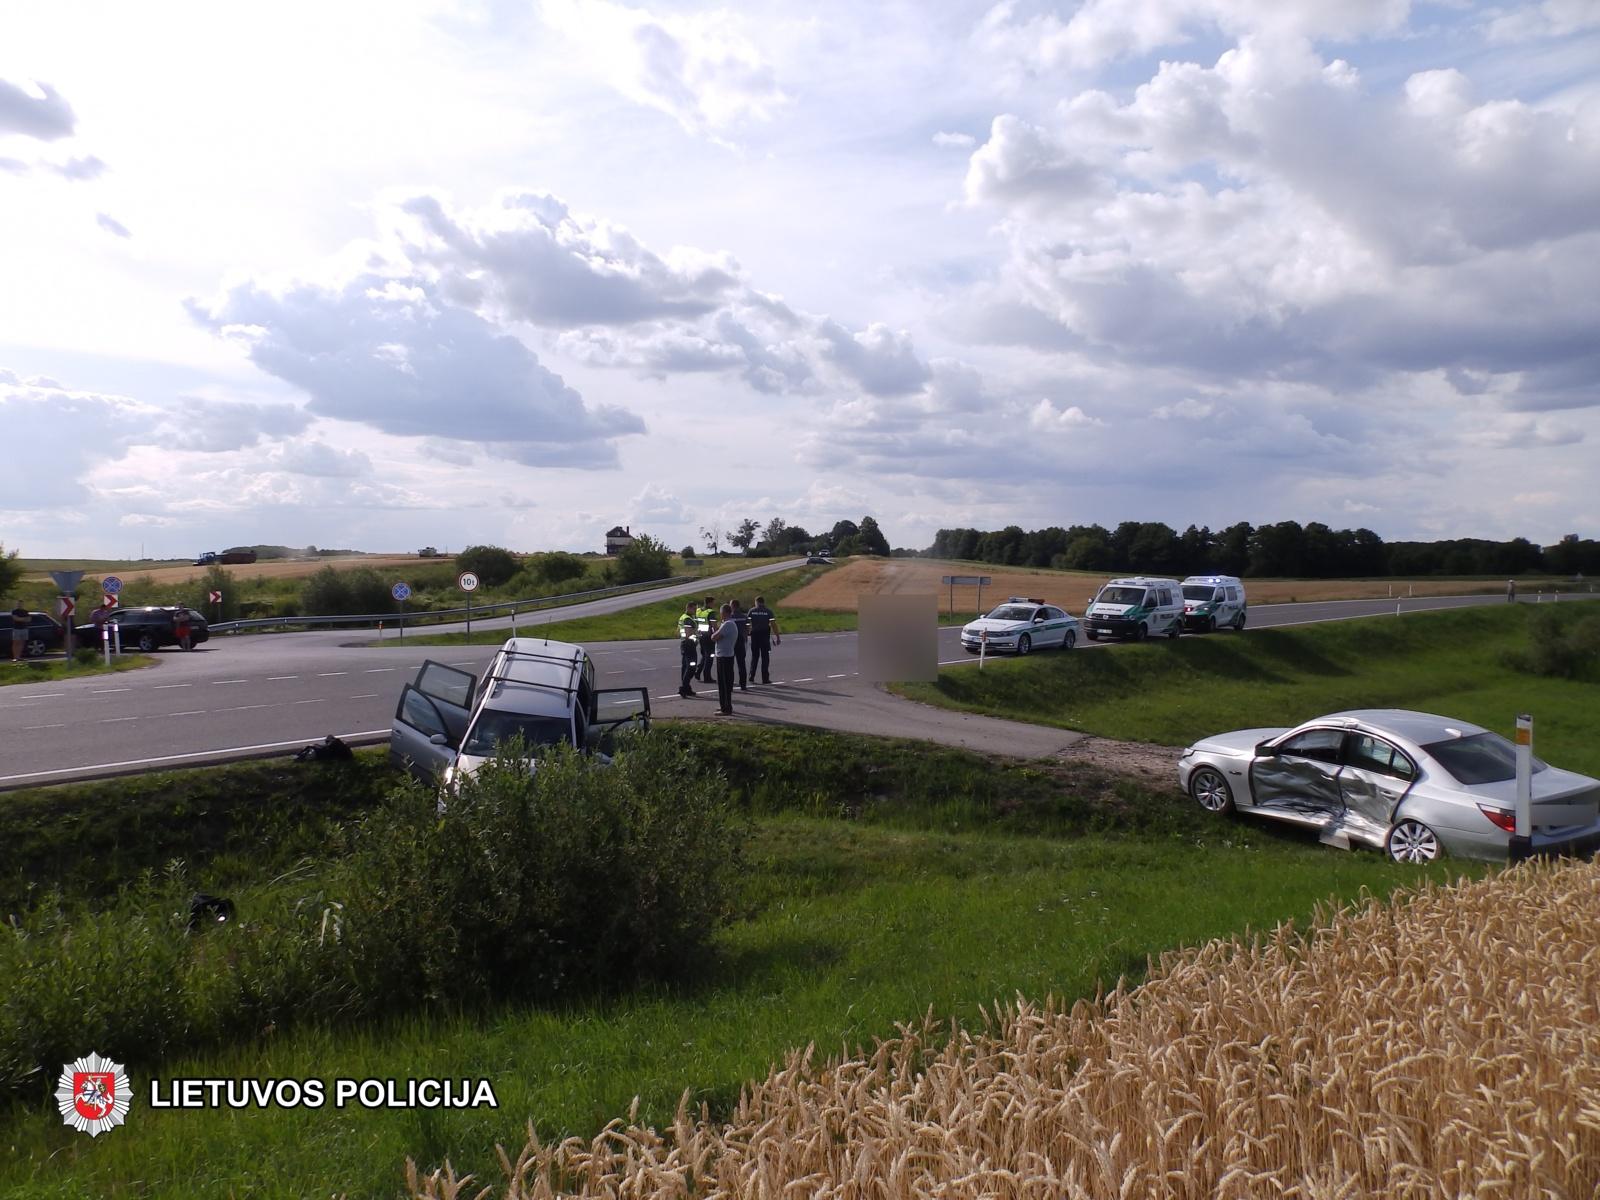 Prie sankryžos į Liudvinavą susidūrė automobiliai